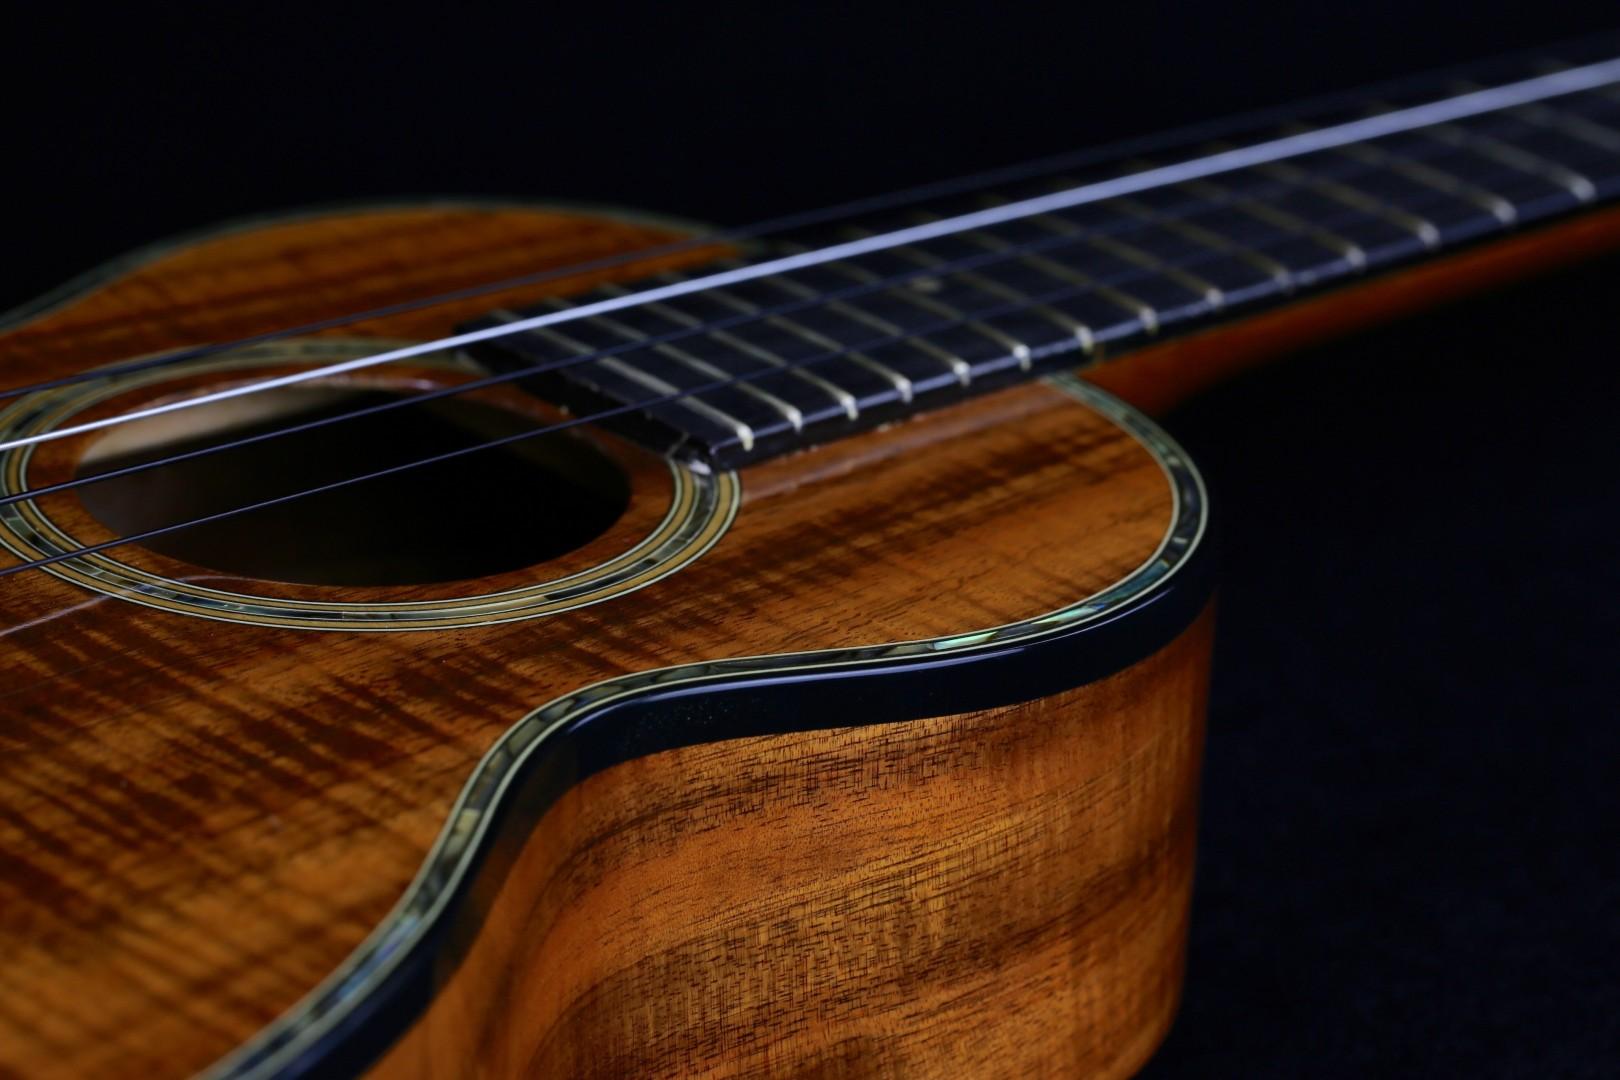 ukulele friend custom g string ukulele for sale ukulele friend. Black Bedroom Furniture Sets. Home Design Ideas